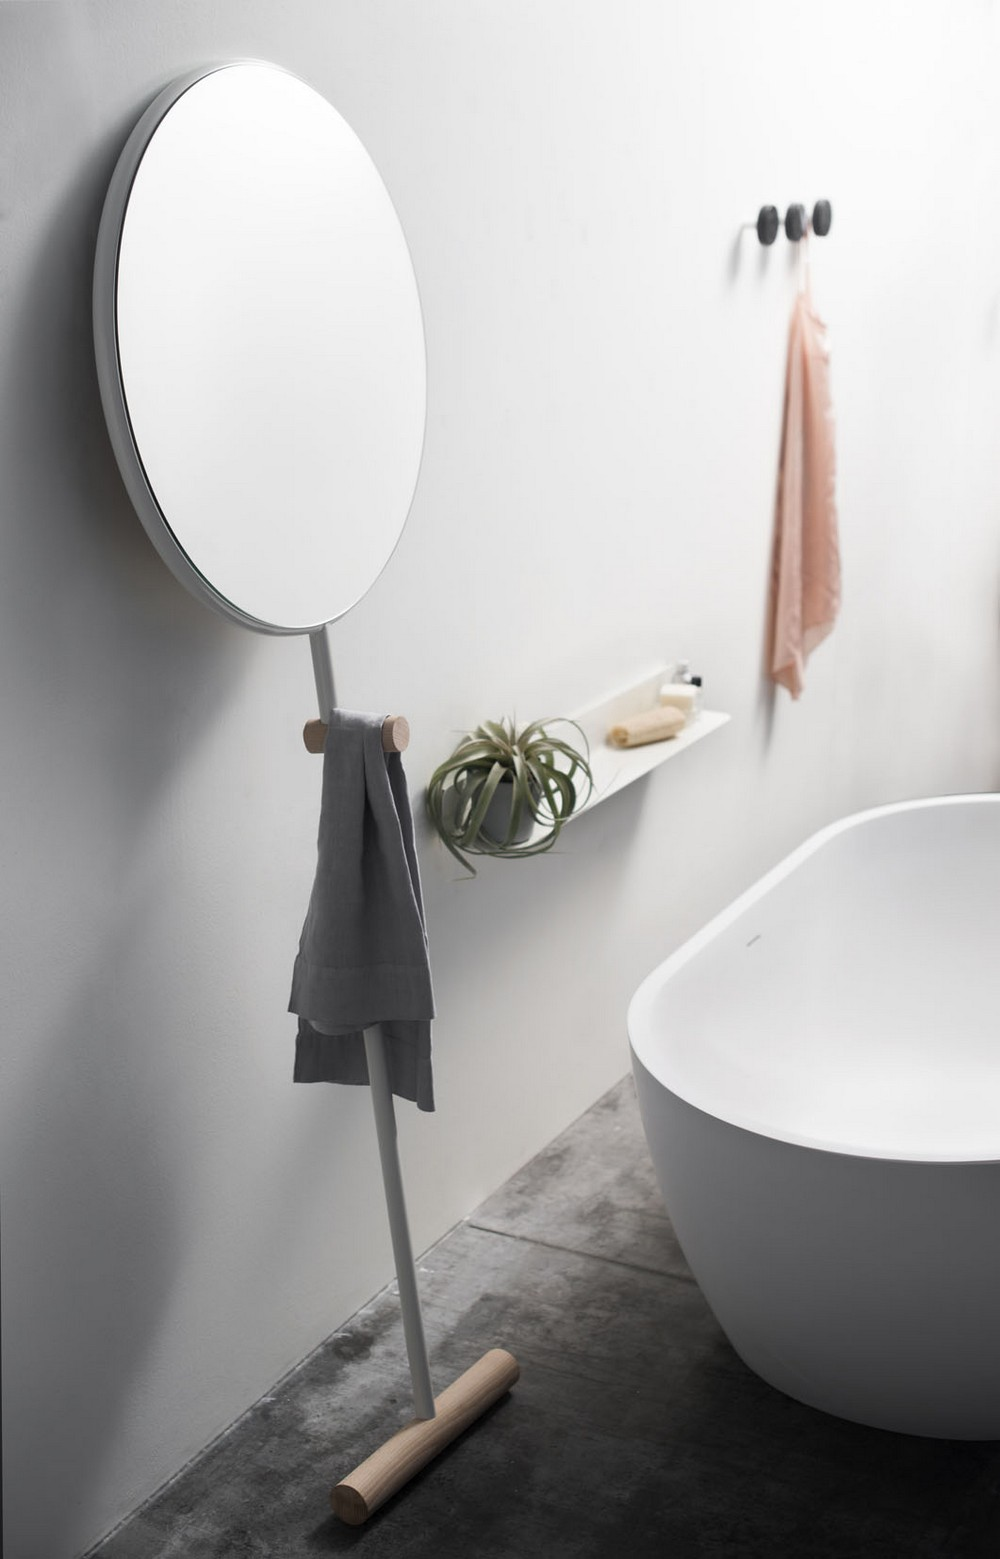 Espelho redondo com suporte para toalhas para o banheiro